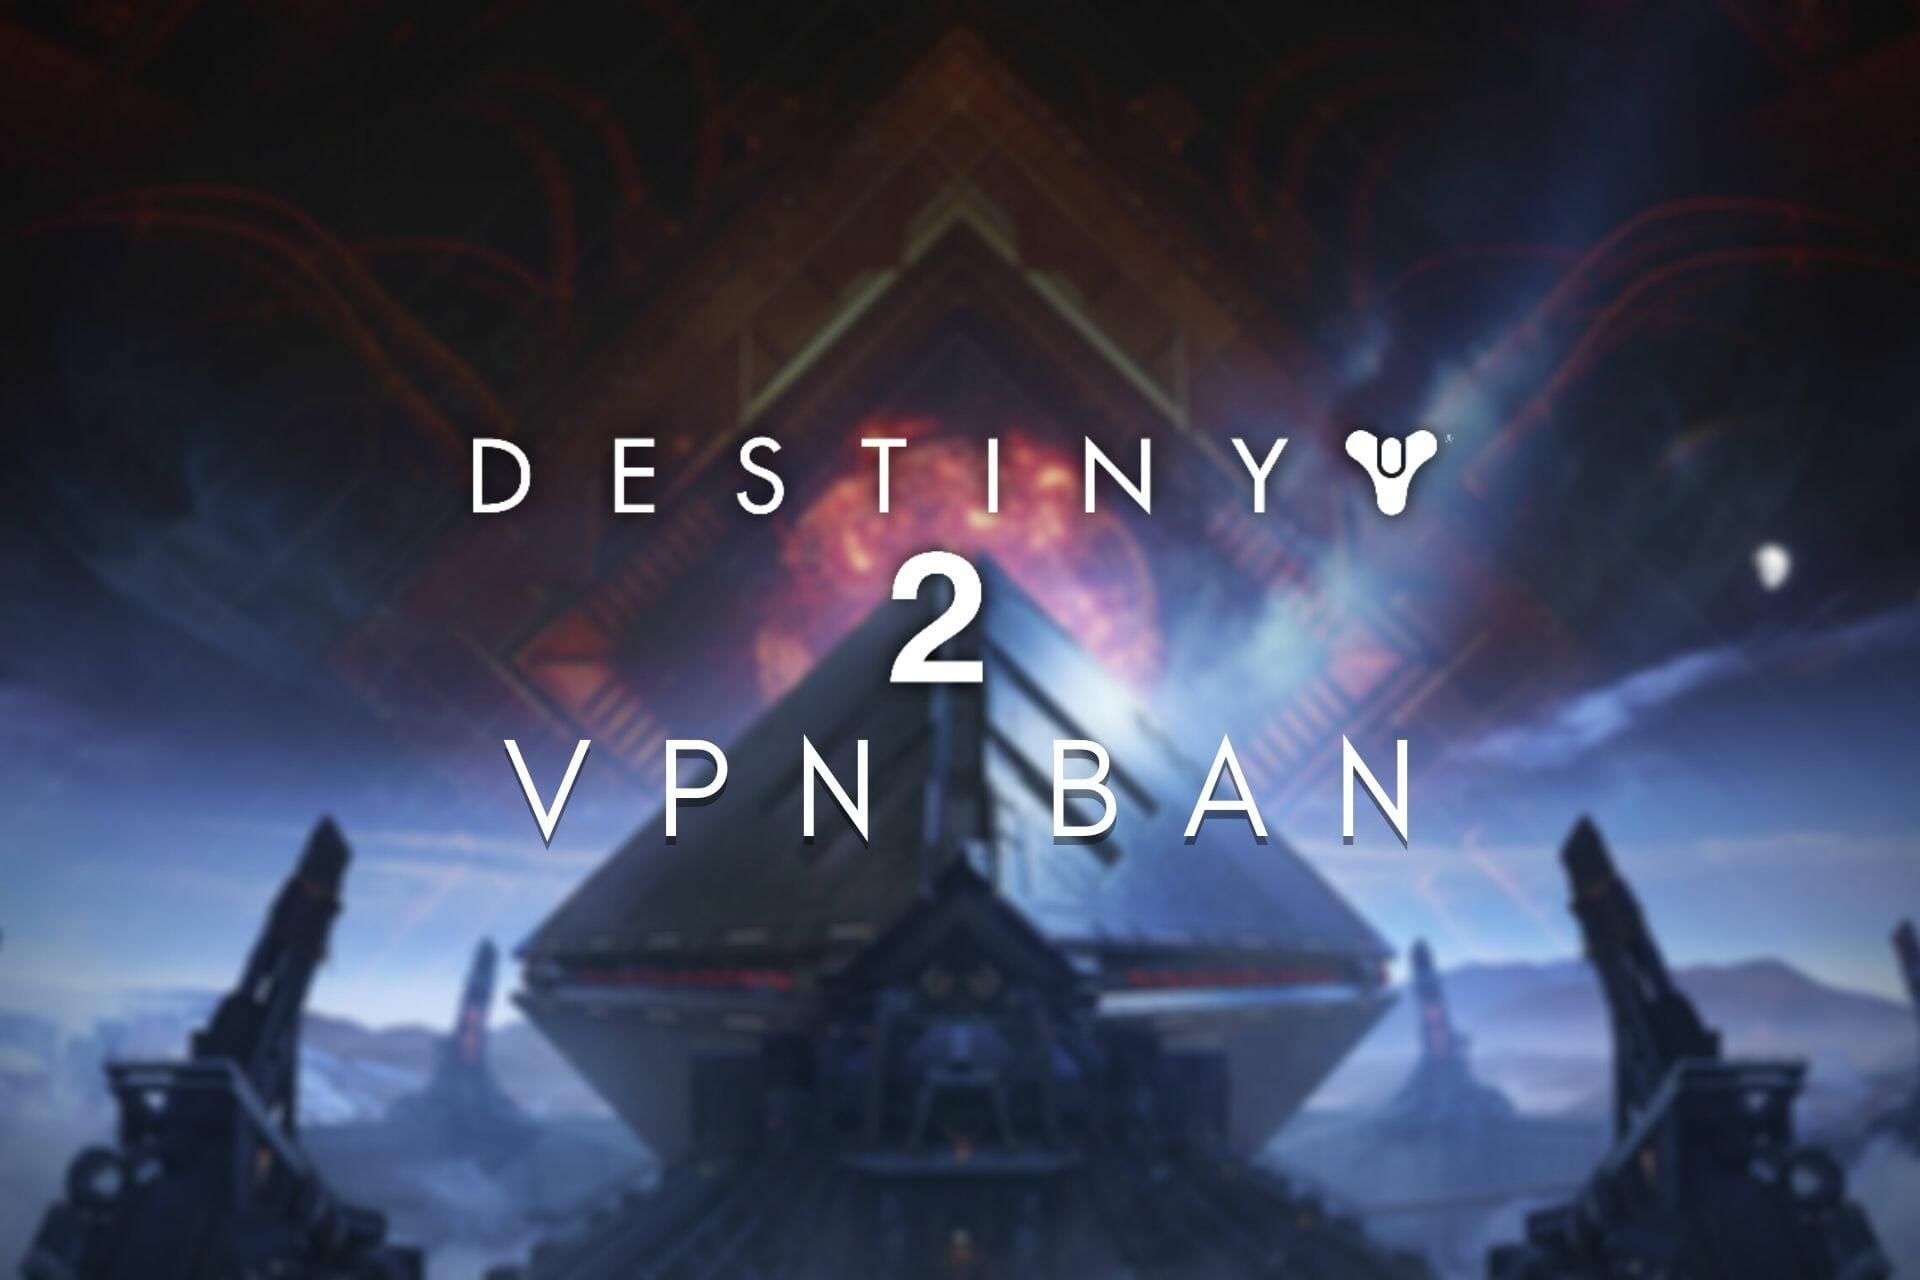 Interdiction du VPN Destiny 2